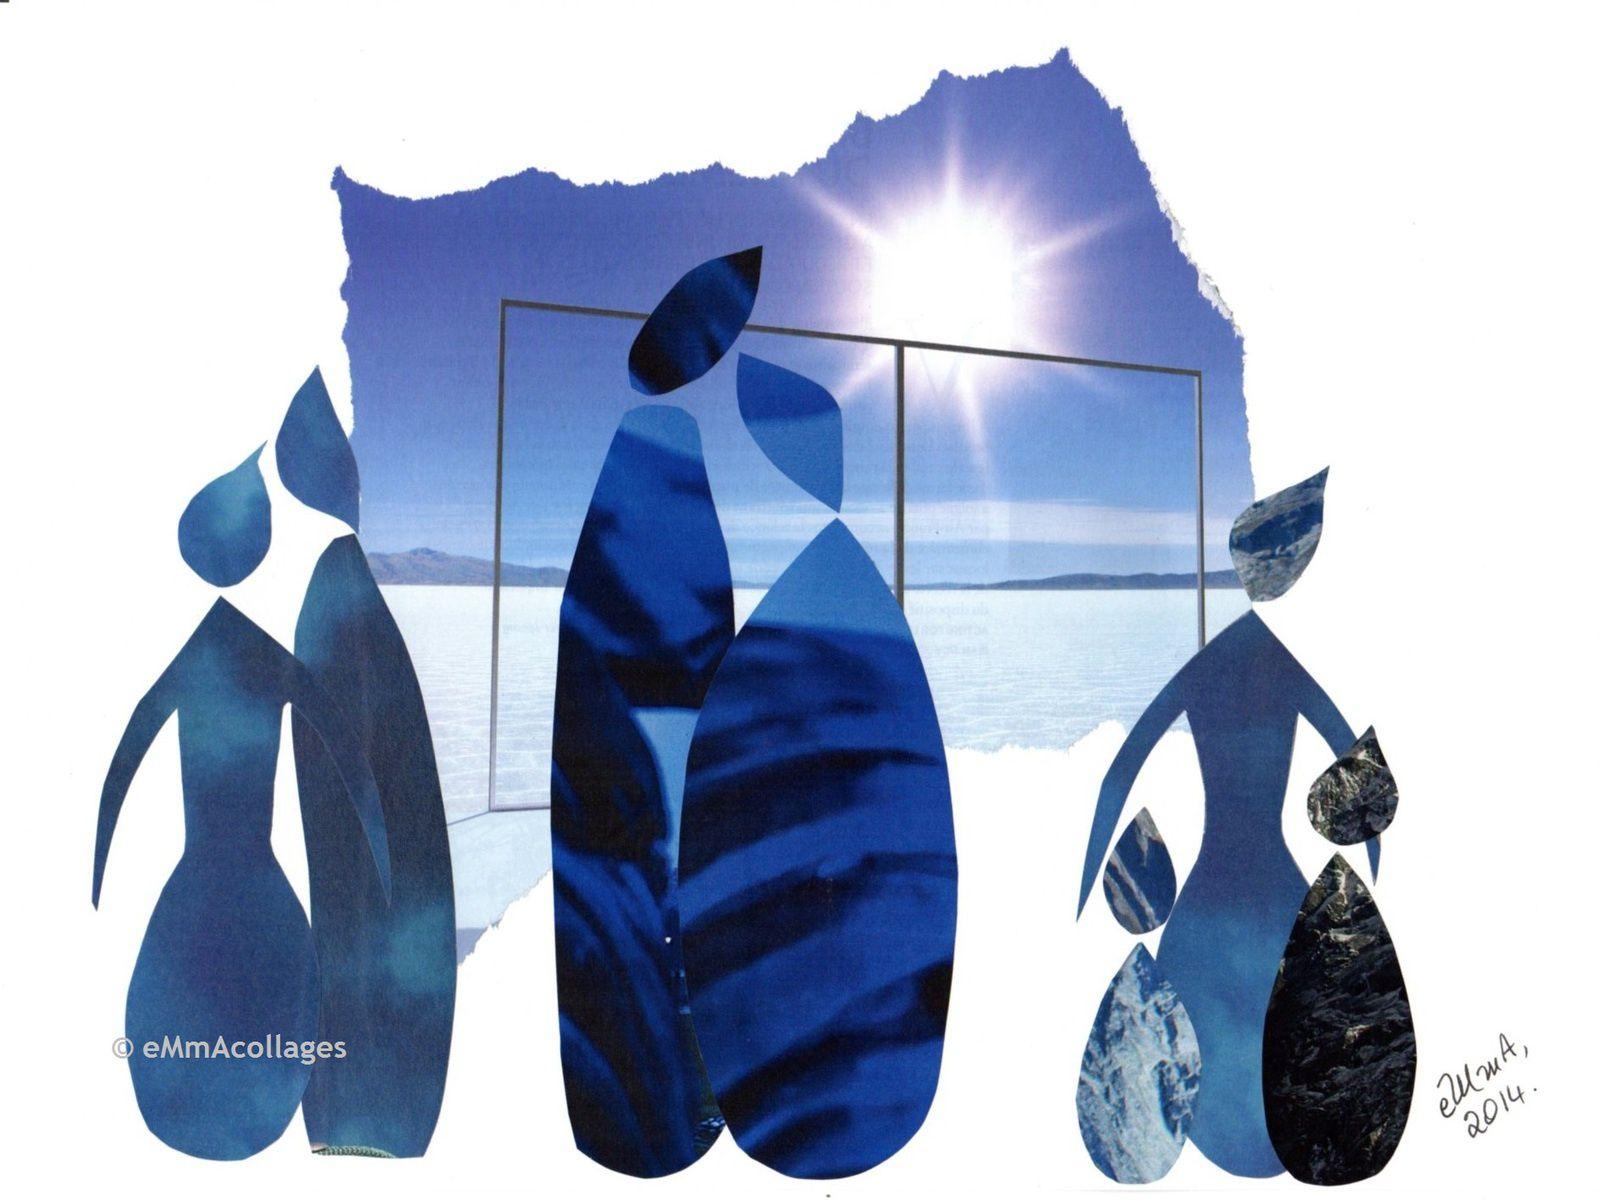 """Les collages d'eMmA MessanA, collage """"Evocation"""", pièce unique © eMmA MessanA"""